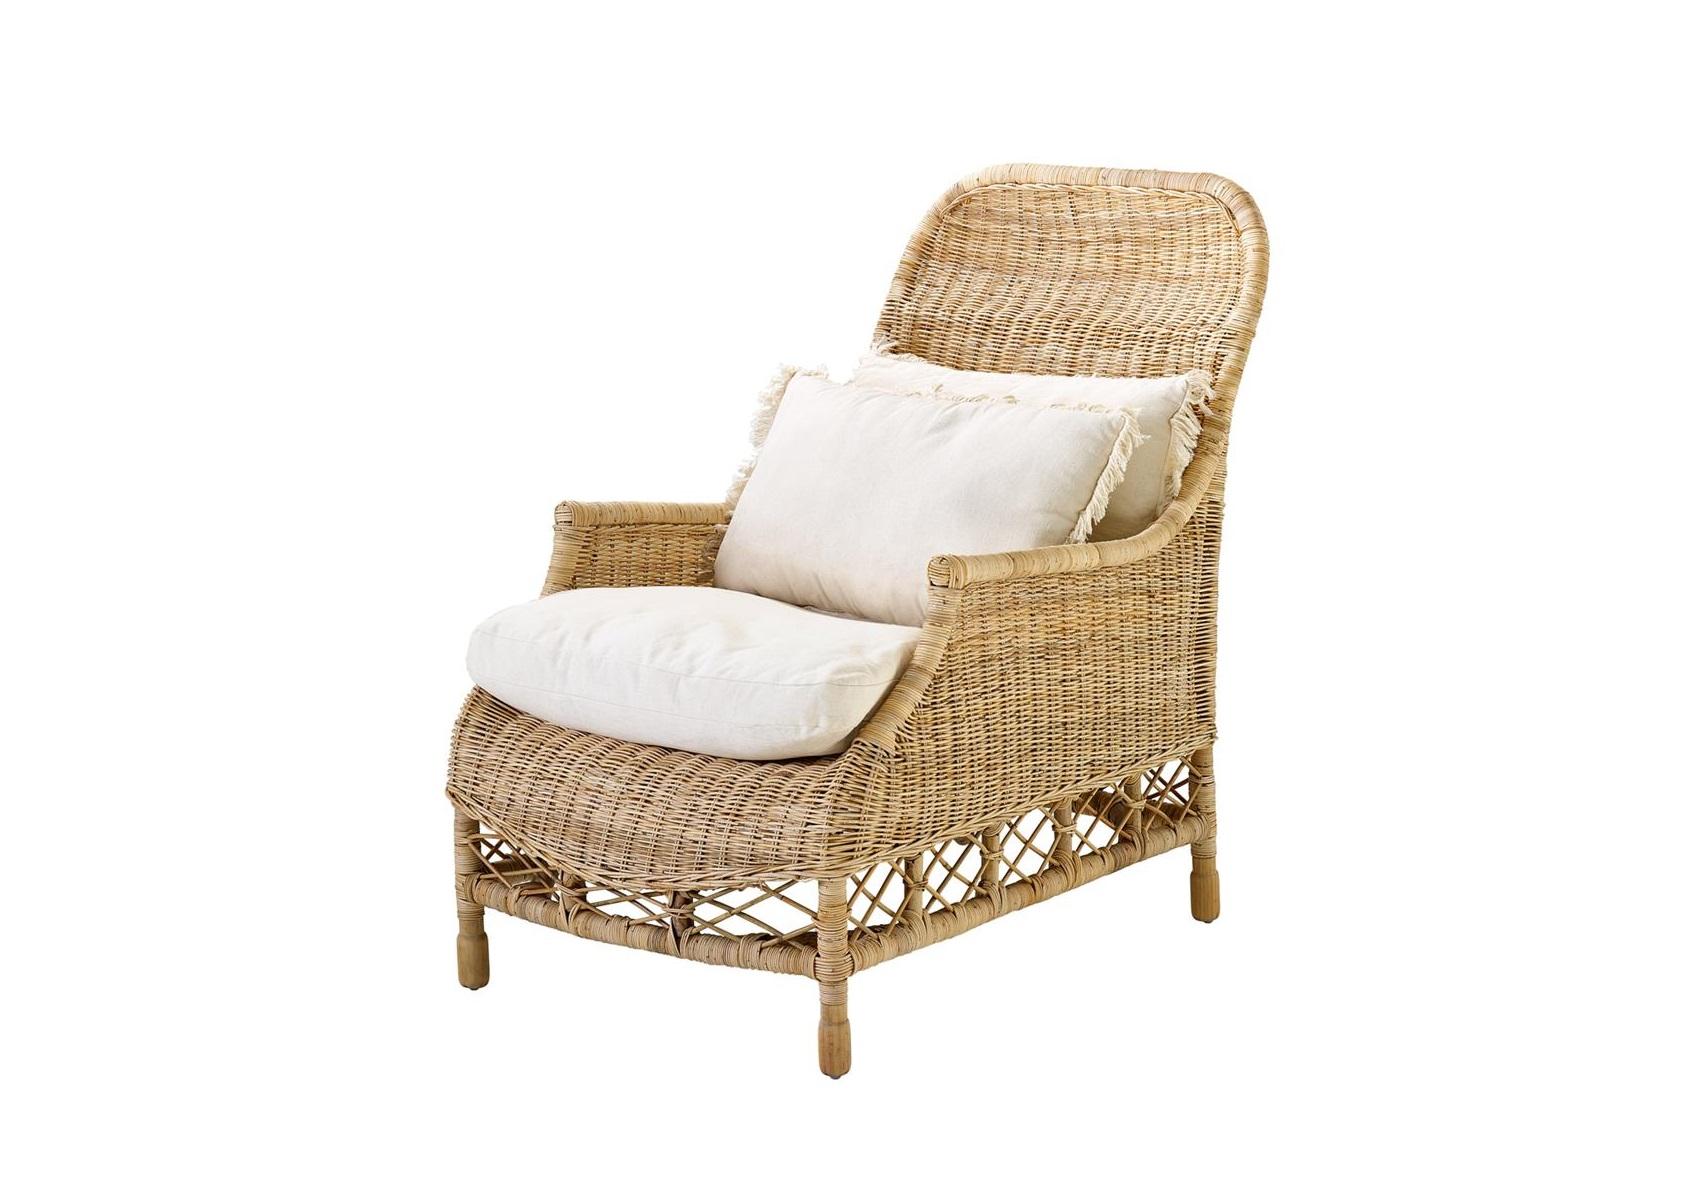 КреслоКресла для сада<br>Кресло Chair Empire выполнено из натурального ротанга. Мягкая сидушка обтянута тканью молочного цвета. Состав: 100% хлопок.<br><br>Material: Ротанг<br>Width см: 63<br>Depth см: 86<br>Height см: 102